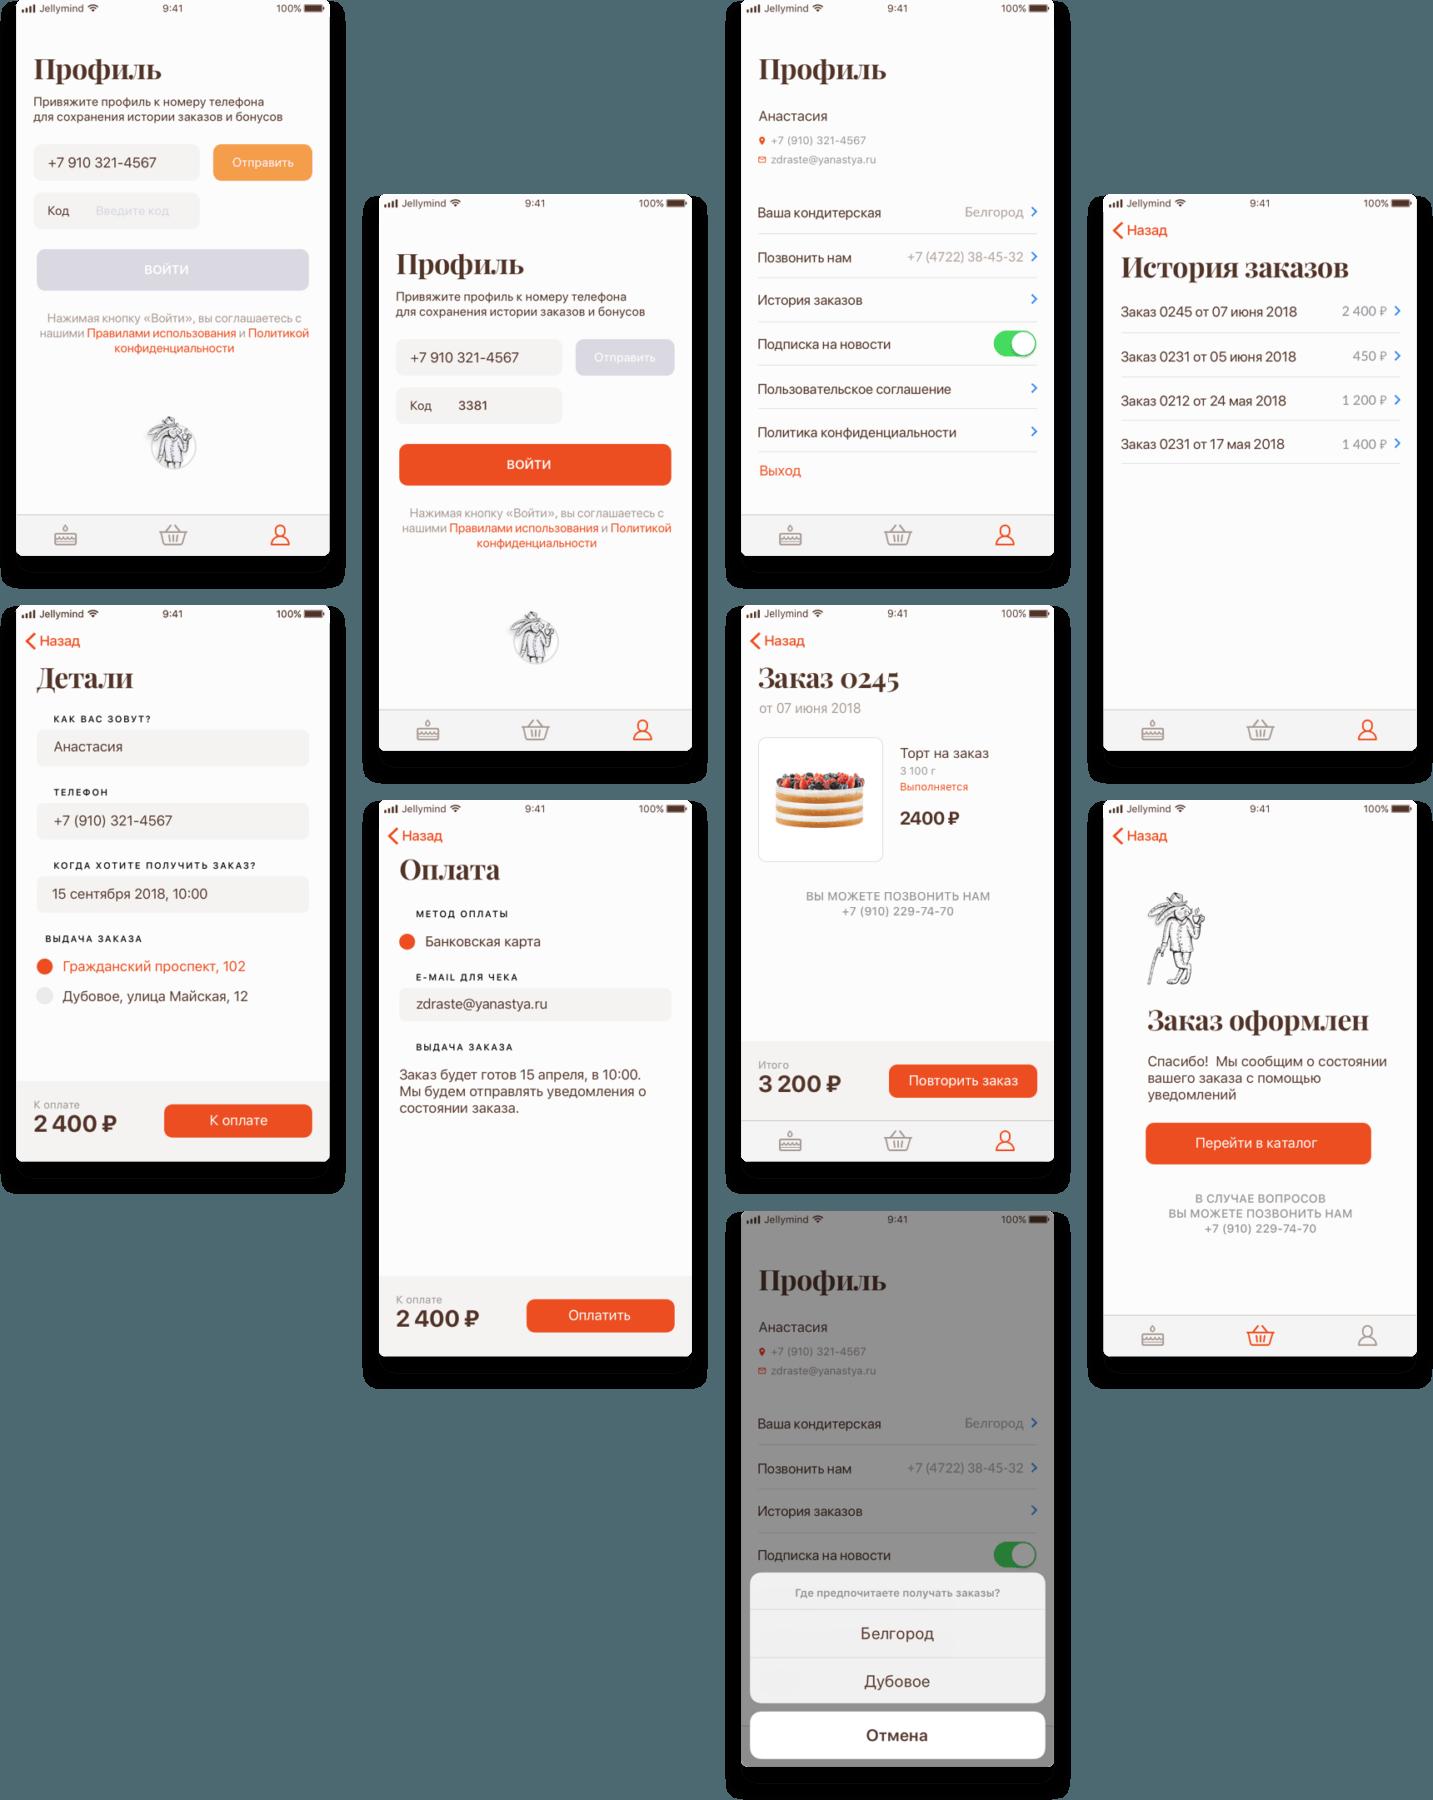 Дизайн интерфейса приложения кондитерской Honey Bunny